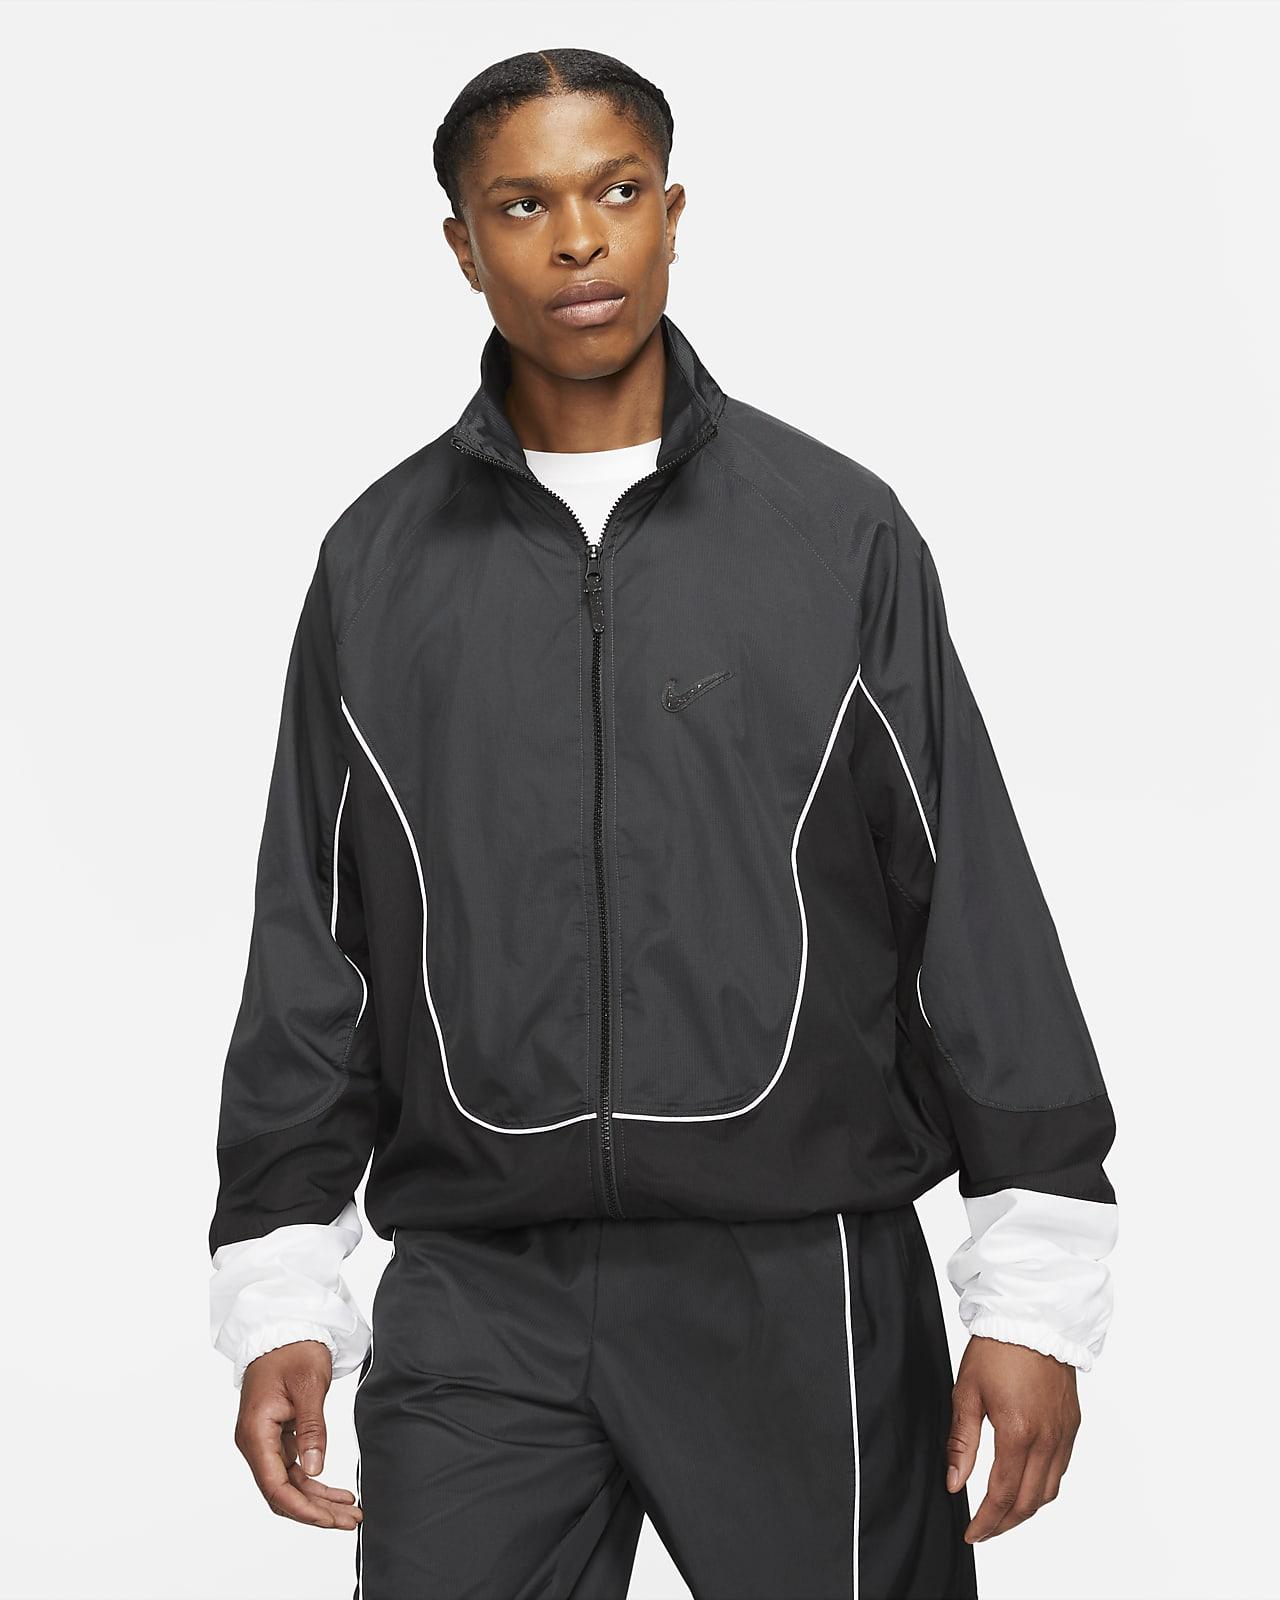 Nike Throwback Men's Basketball Jacket